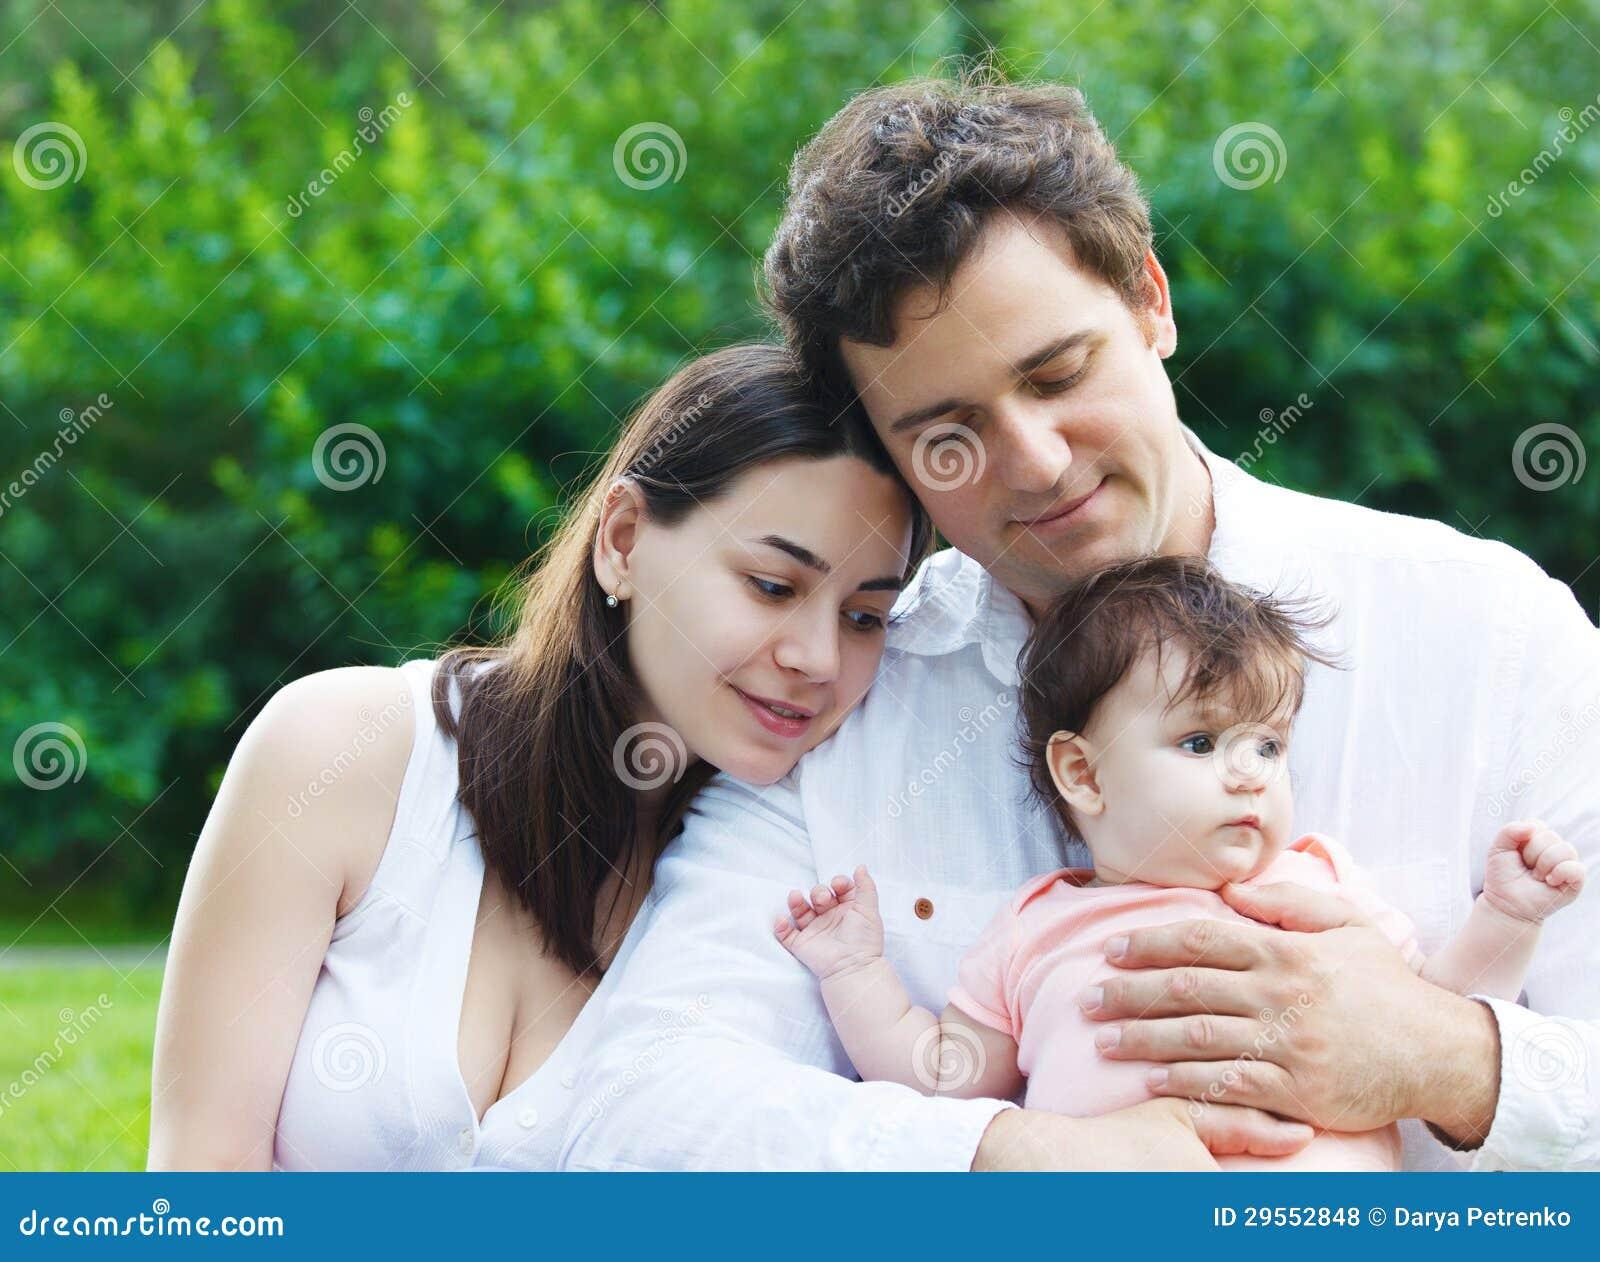 Фото молодой семейной пары 11 фотография